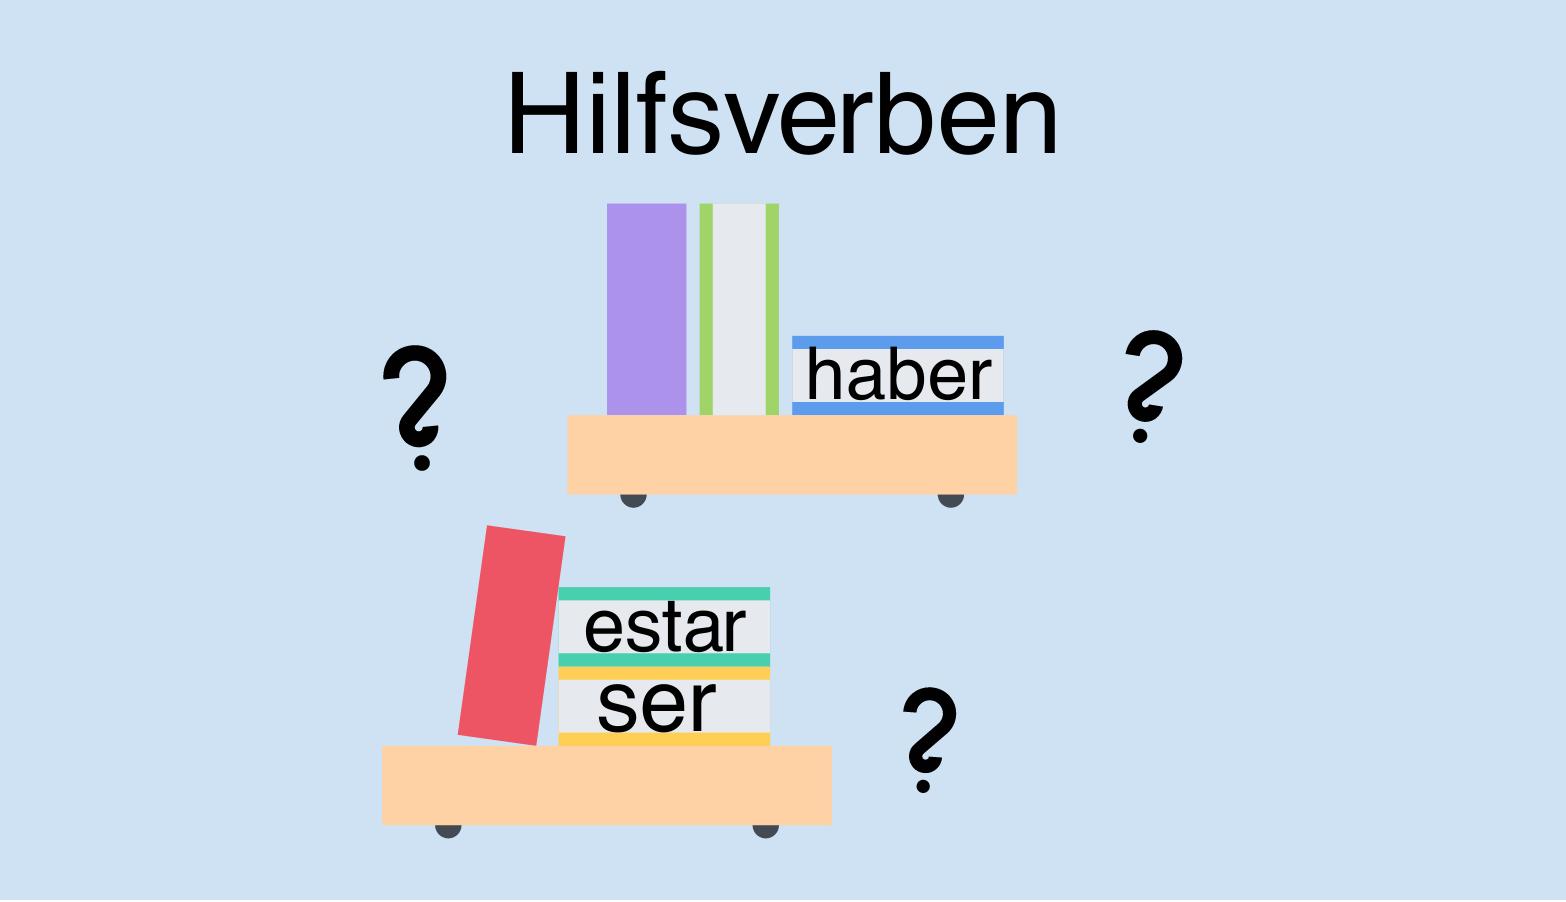 Hilfsverben im Spanischen (haber, ser, estar)